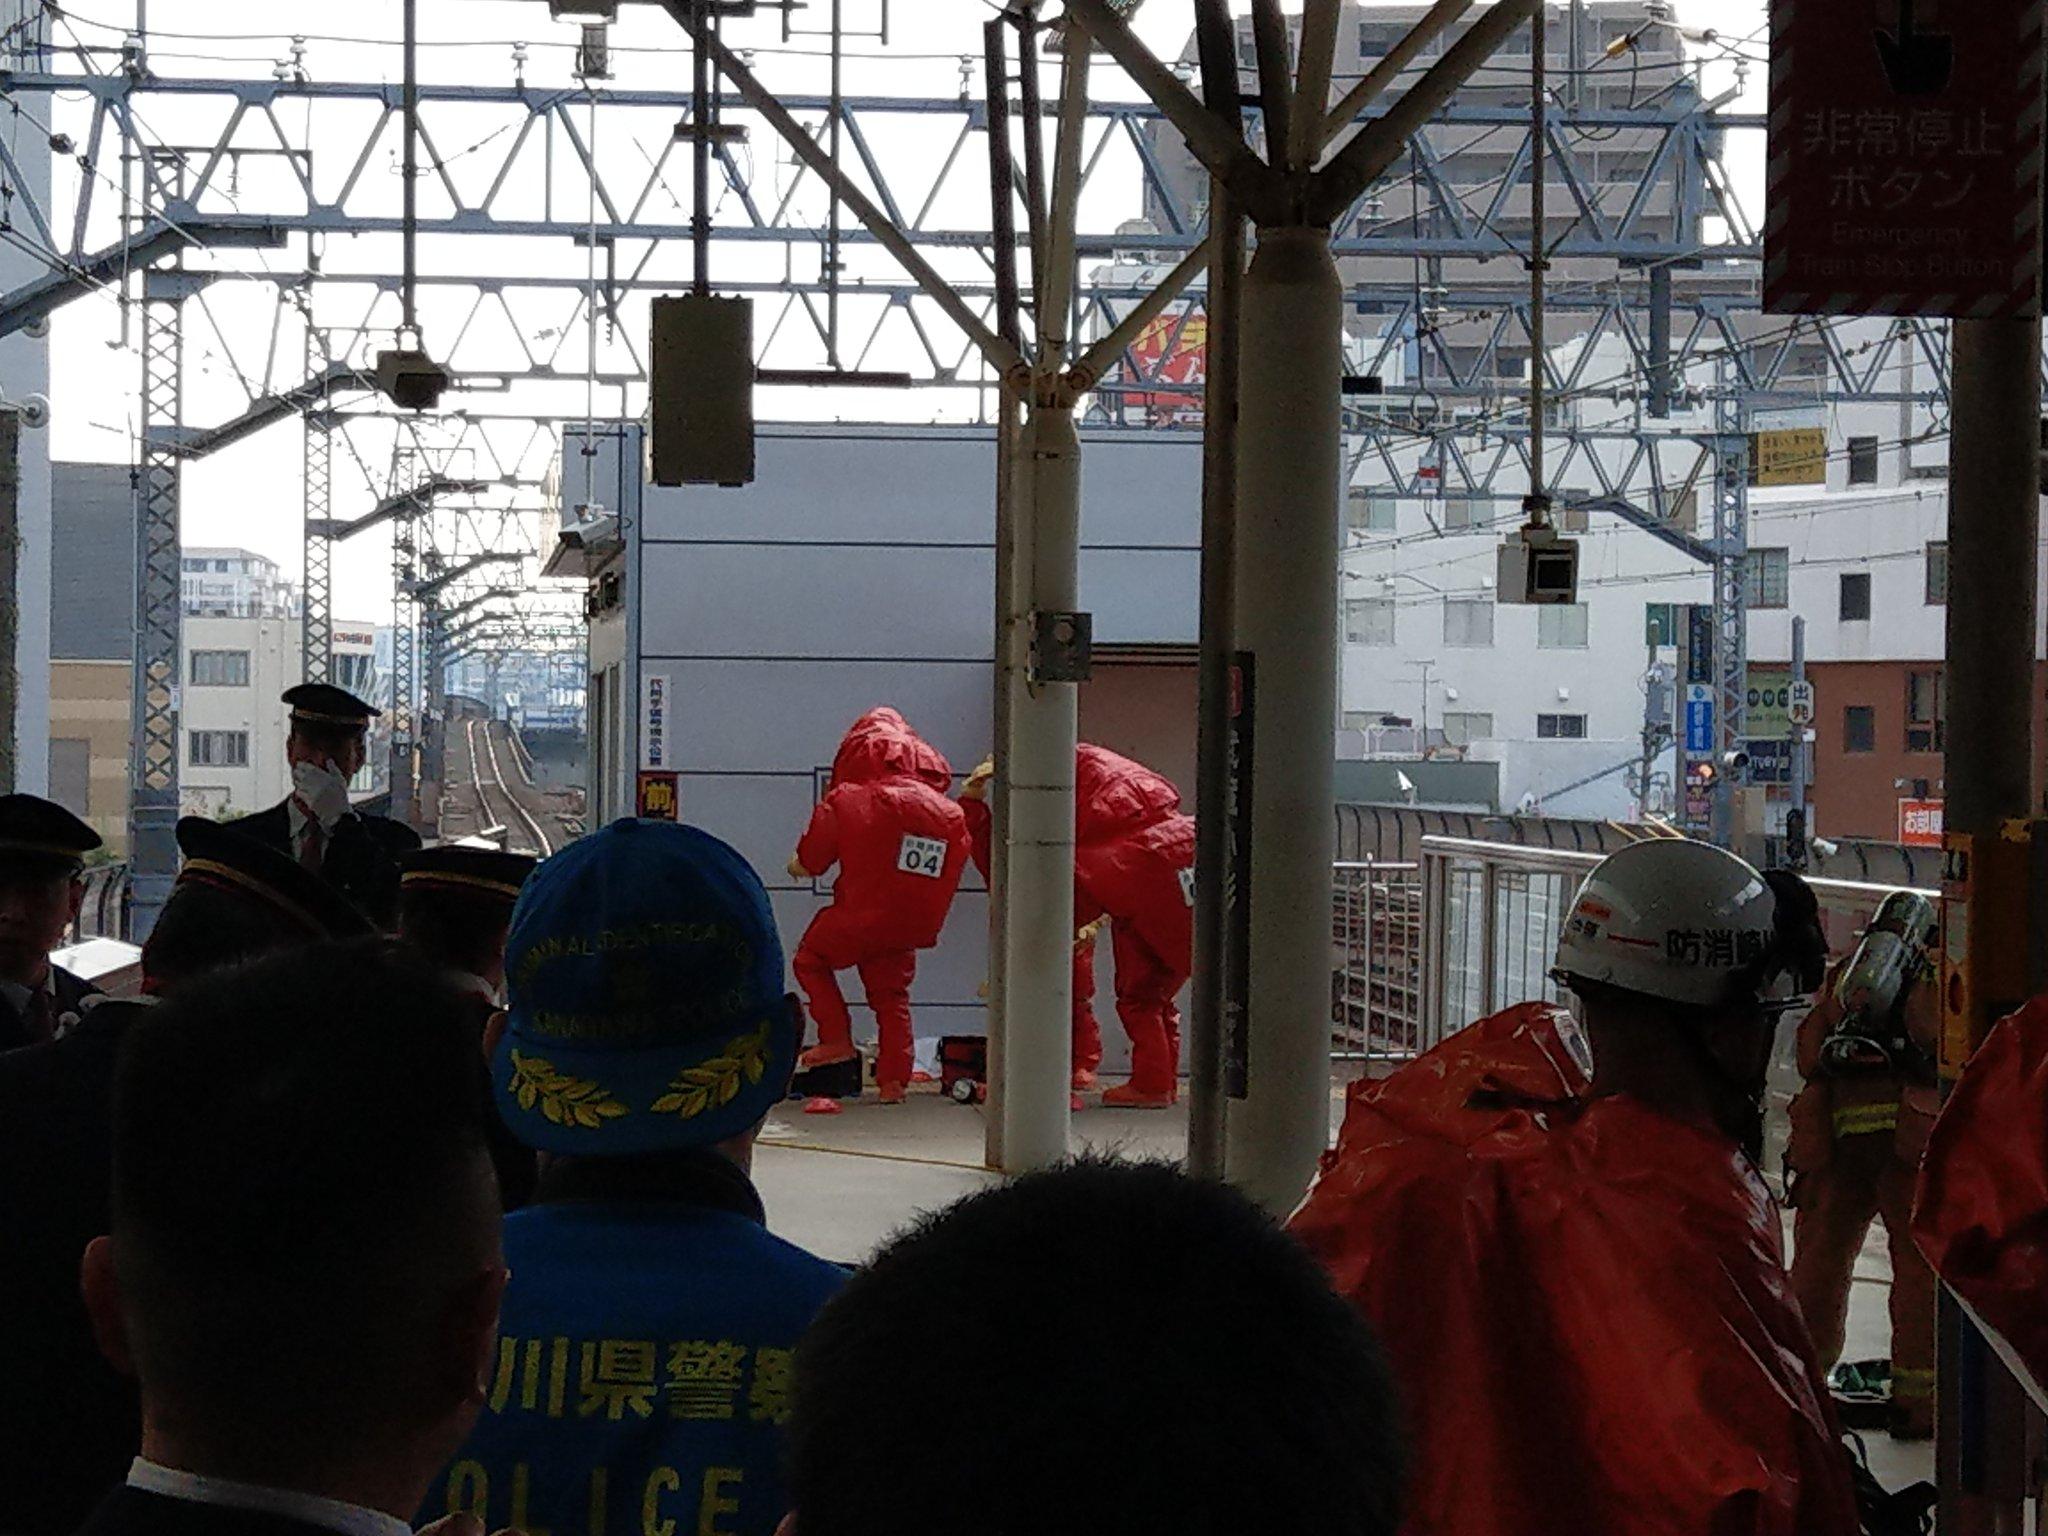 武蔵小杉駅のホームで不審物が見つかった現場の画像